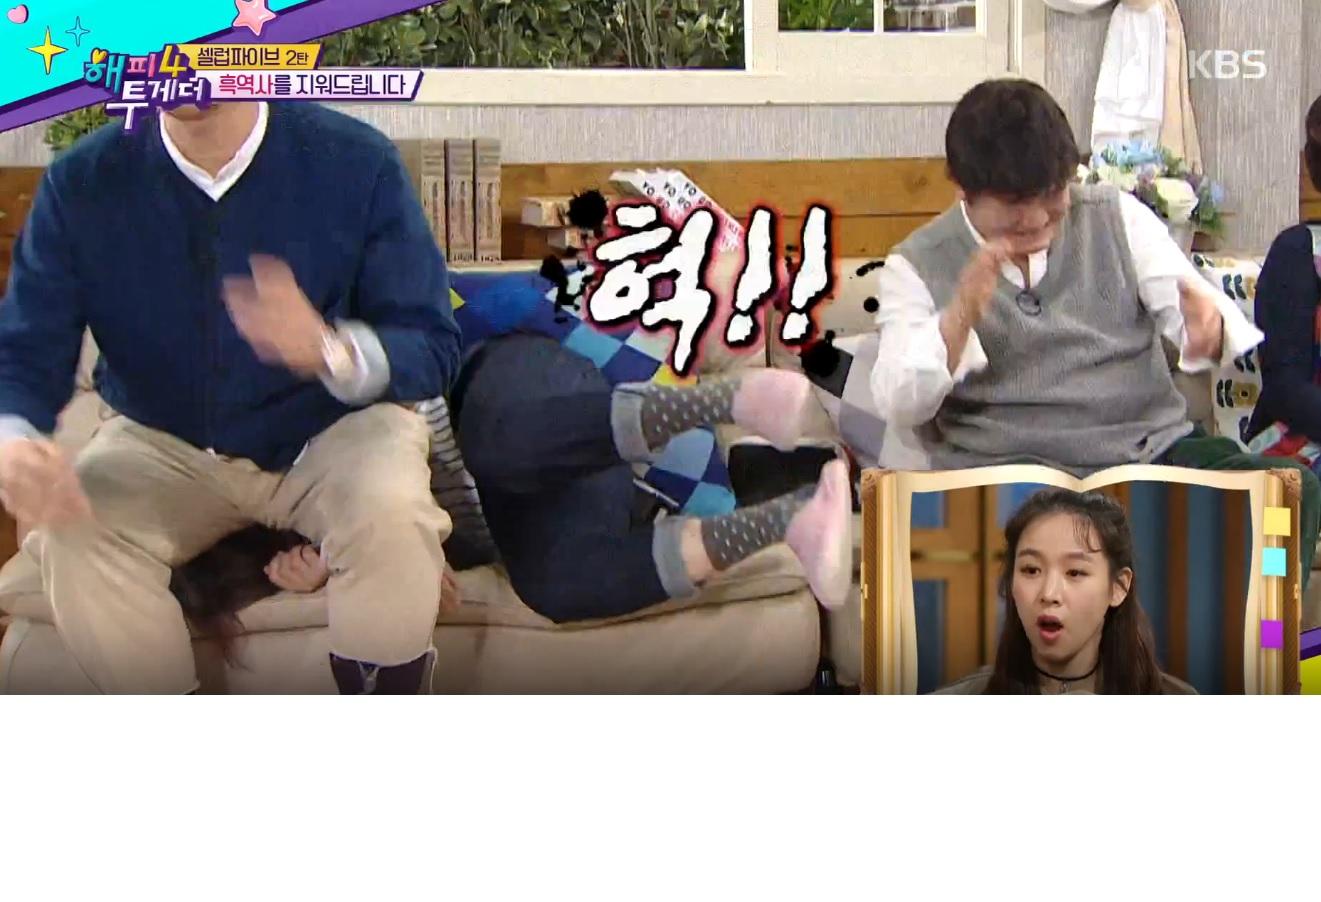 """[해피투게더] 송은이, """"김영철 엉덩이에 얼굴 짓눌린 후 복수했다!"""" 엉방망이 사건 후일담"""